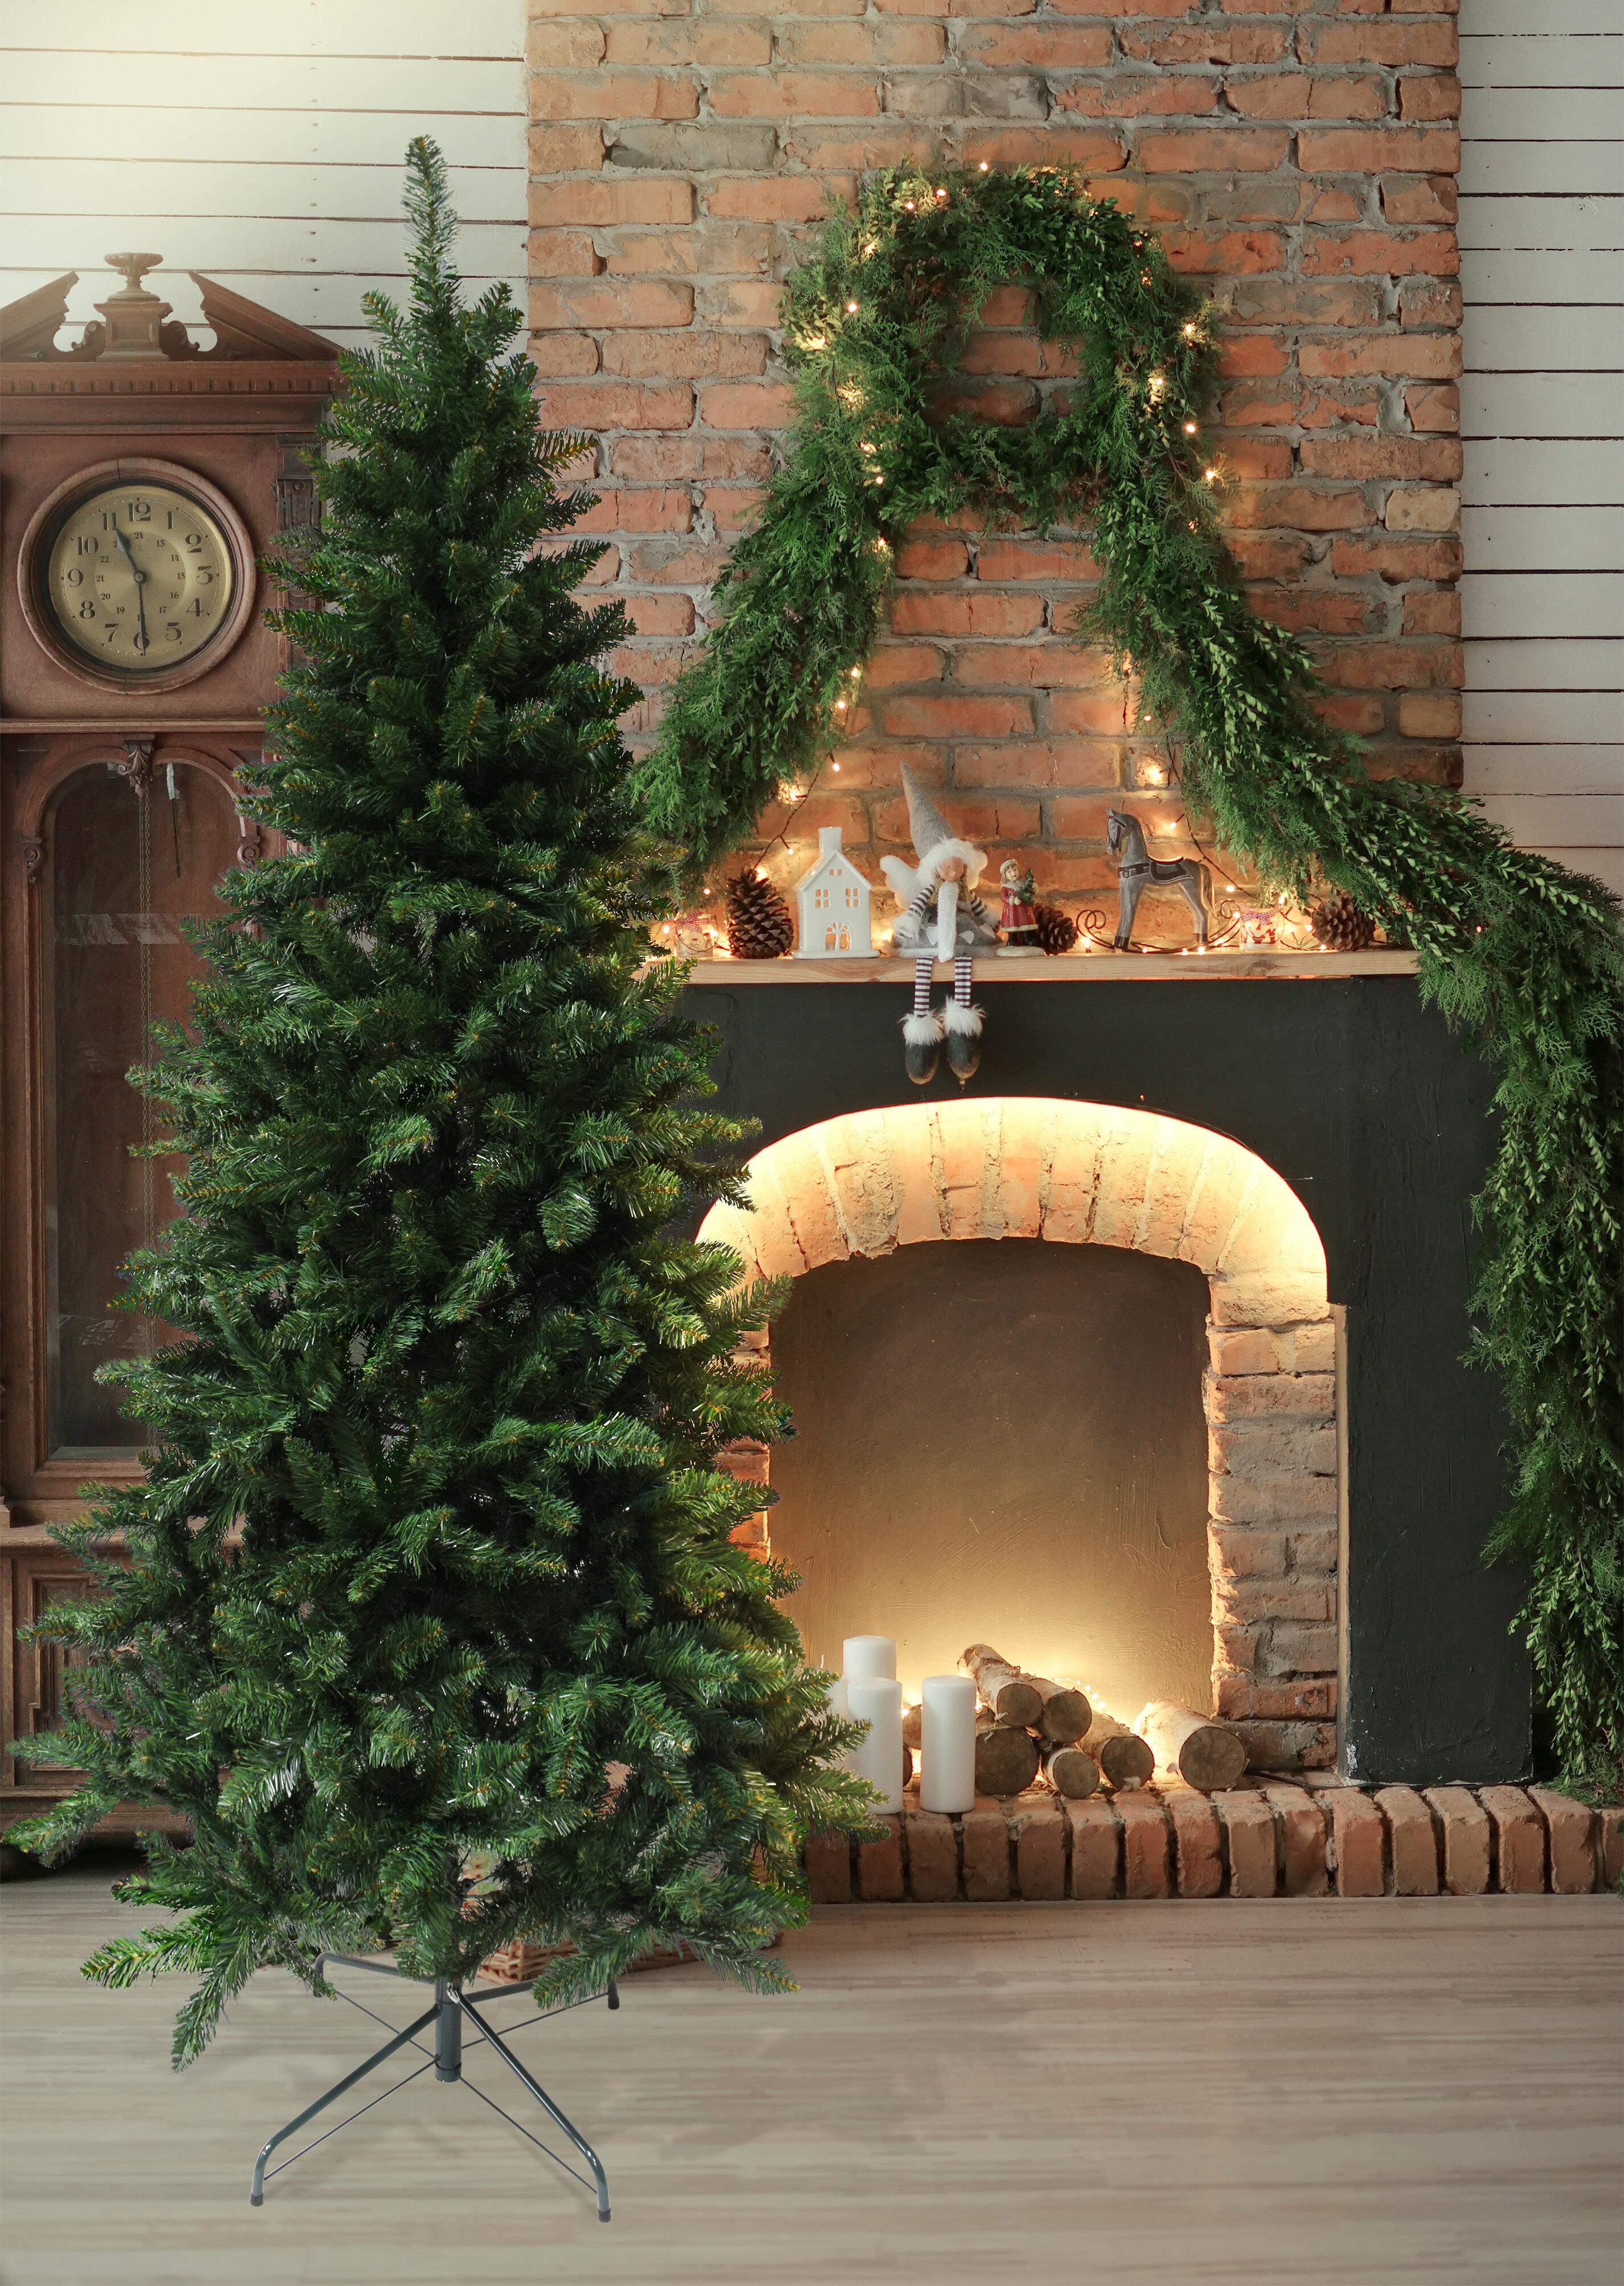 Astella 7' Green Douglas Fir Artificial Christmas Tree with Stand & Reviews | Wayfair